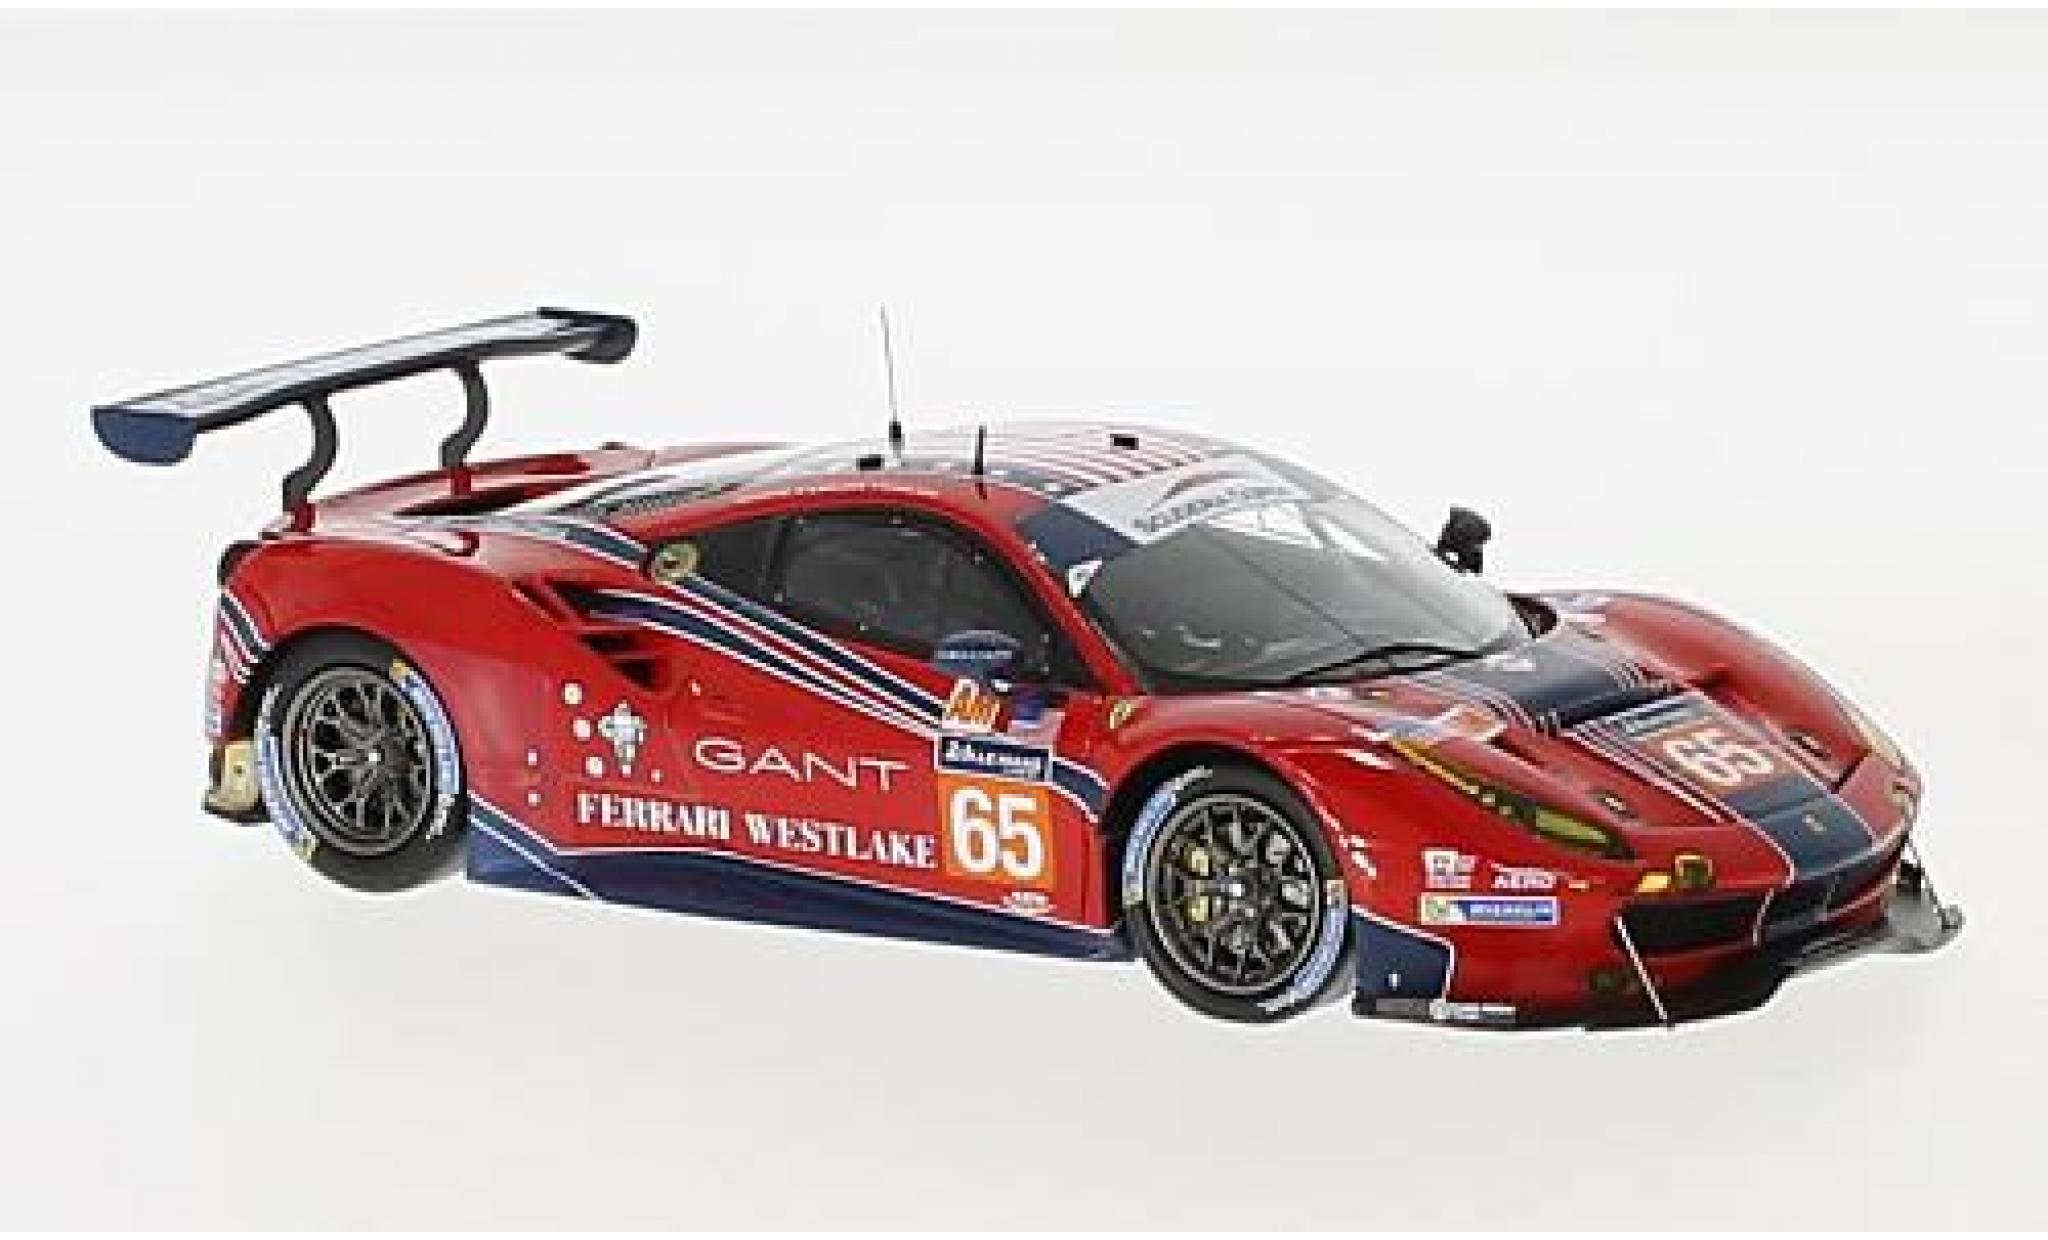 Ferrari 488 1/43 Look Smart GTE No.65 Scuderia Corsa 24h Le Mans 2017 C.Nielsen/A.Balzan/B.Curtis